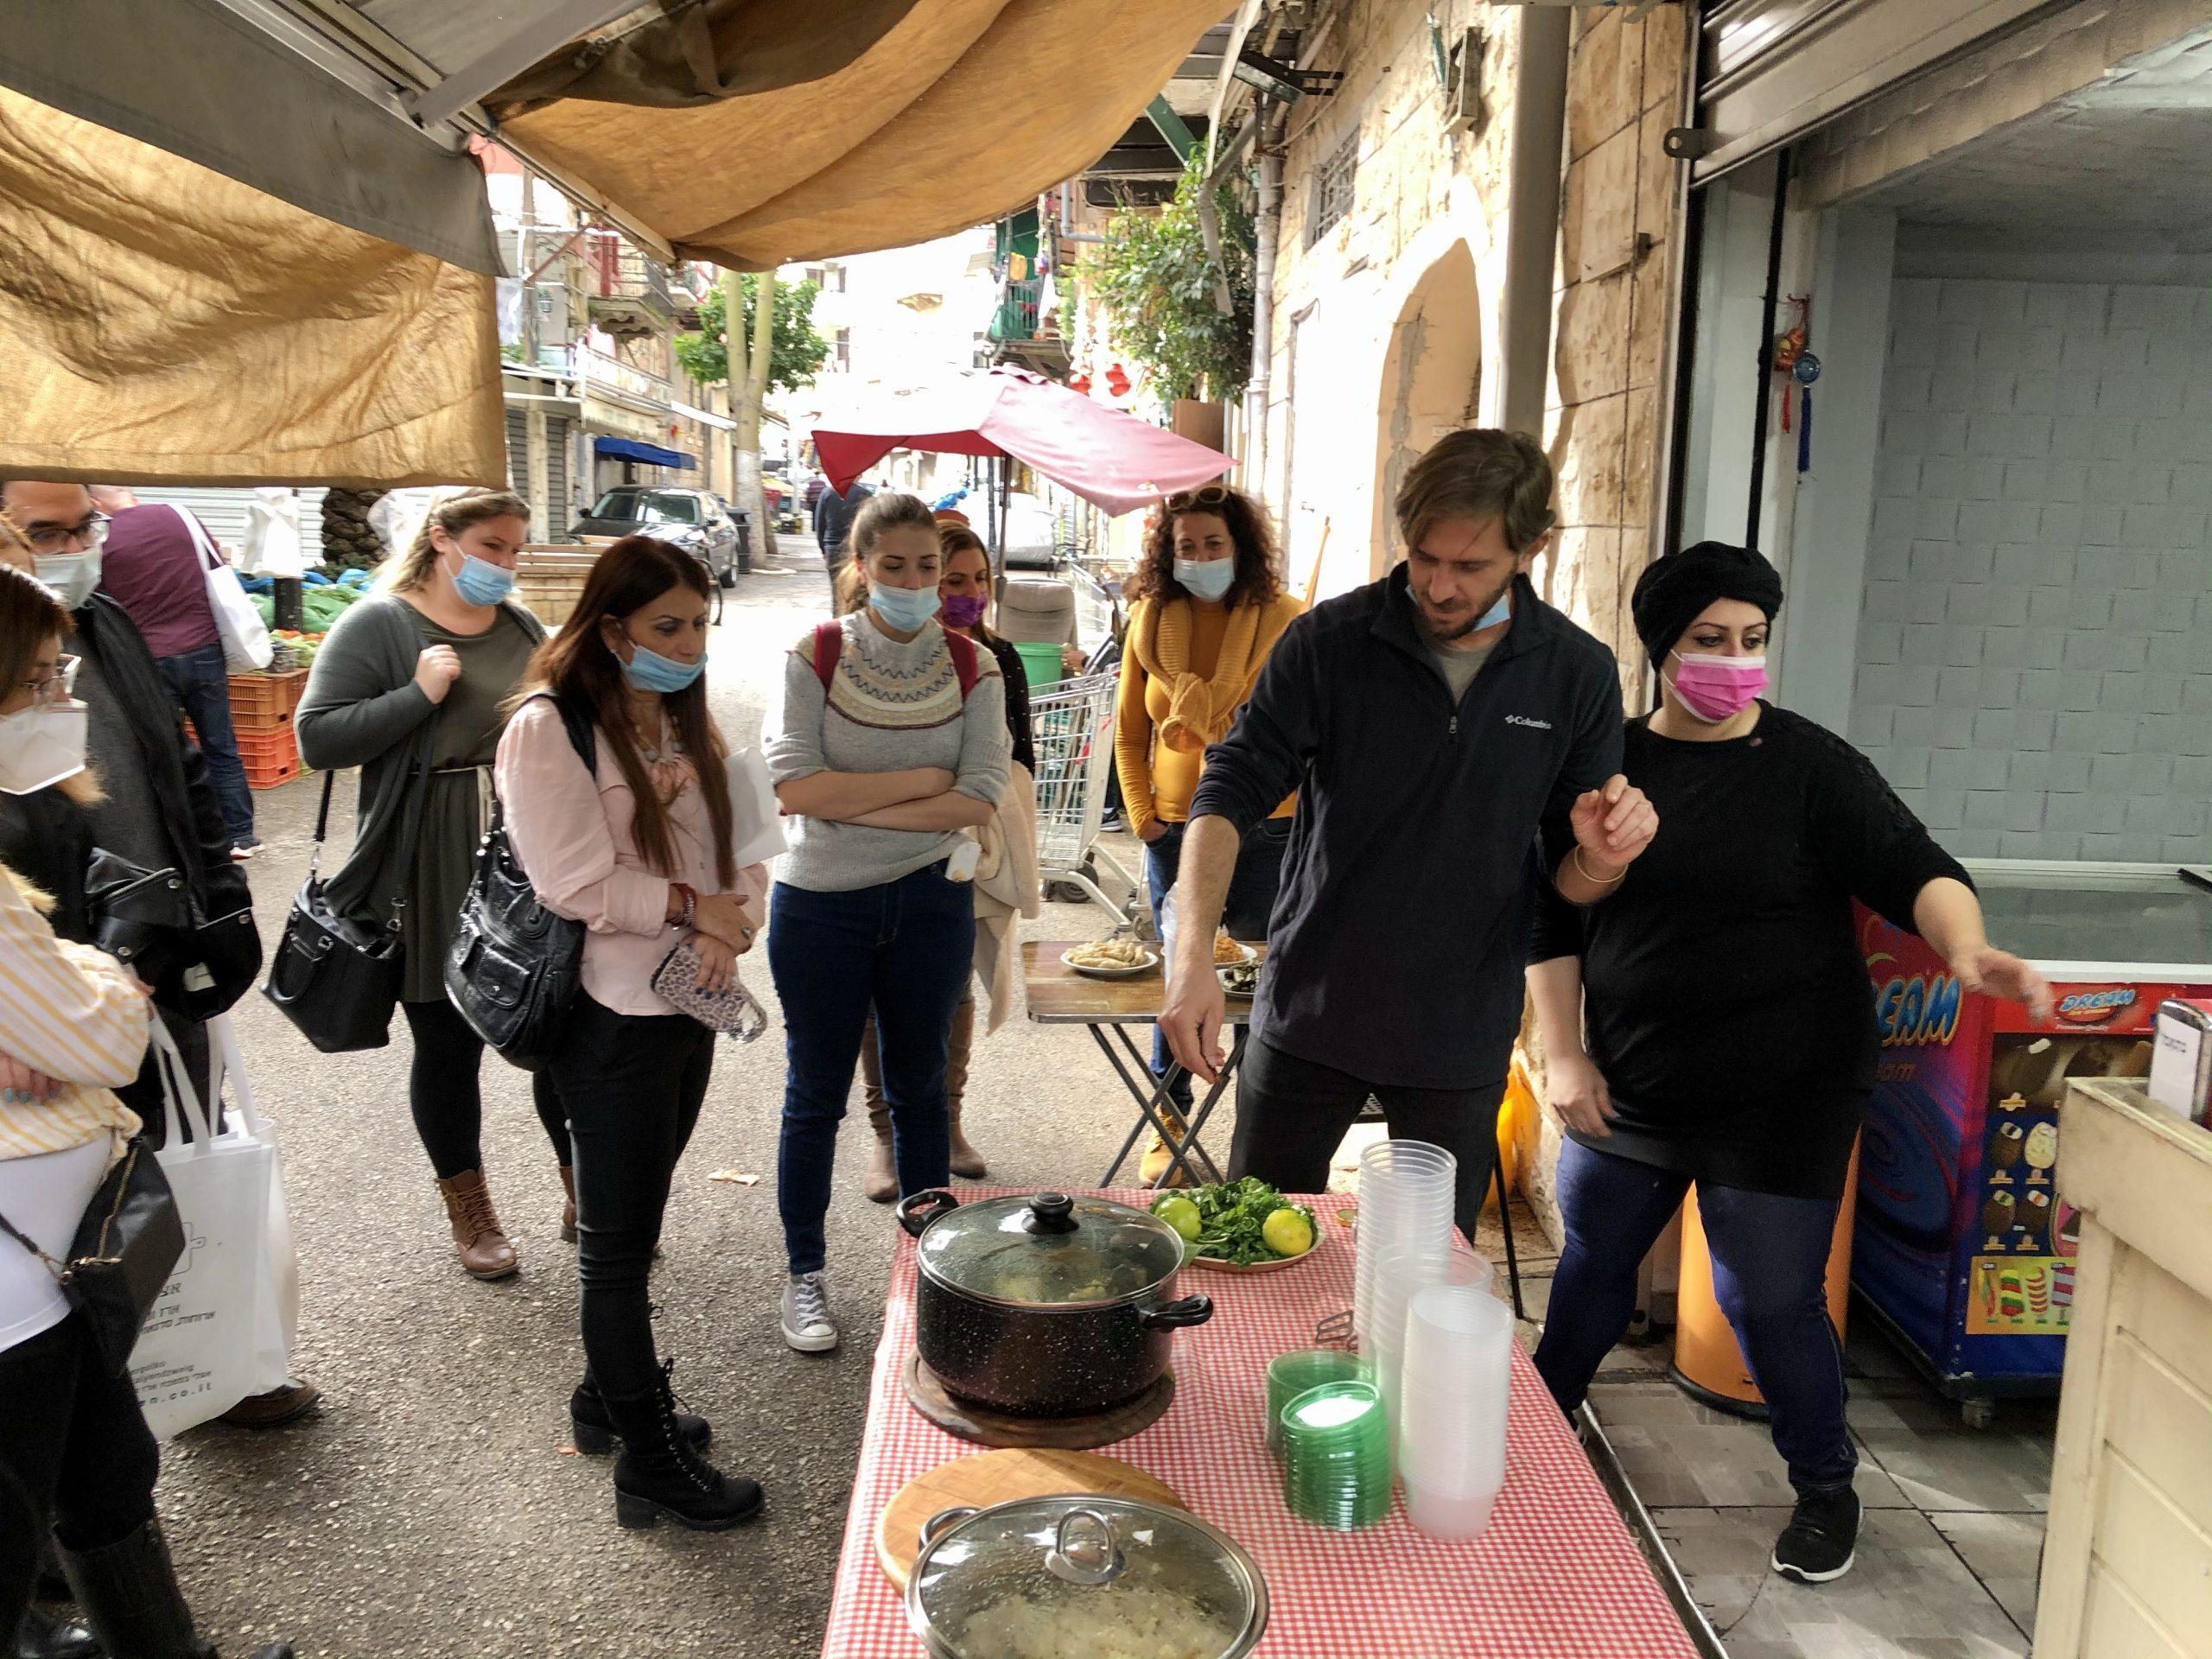 Food tours resume in Wadi Nisnas, Haifa